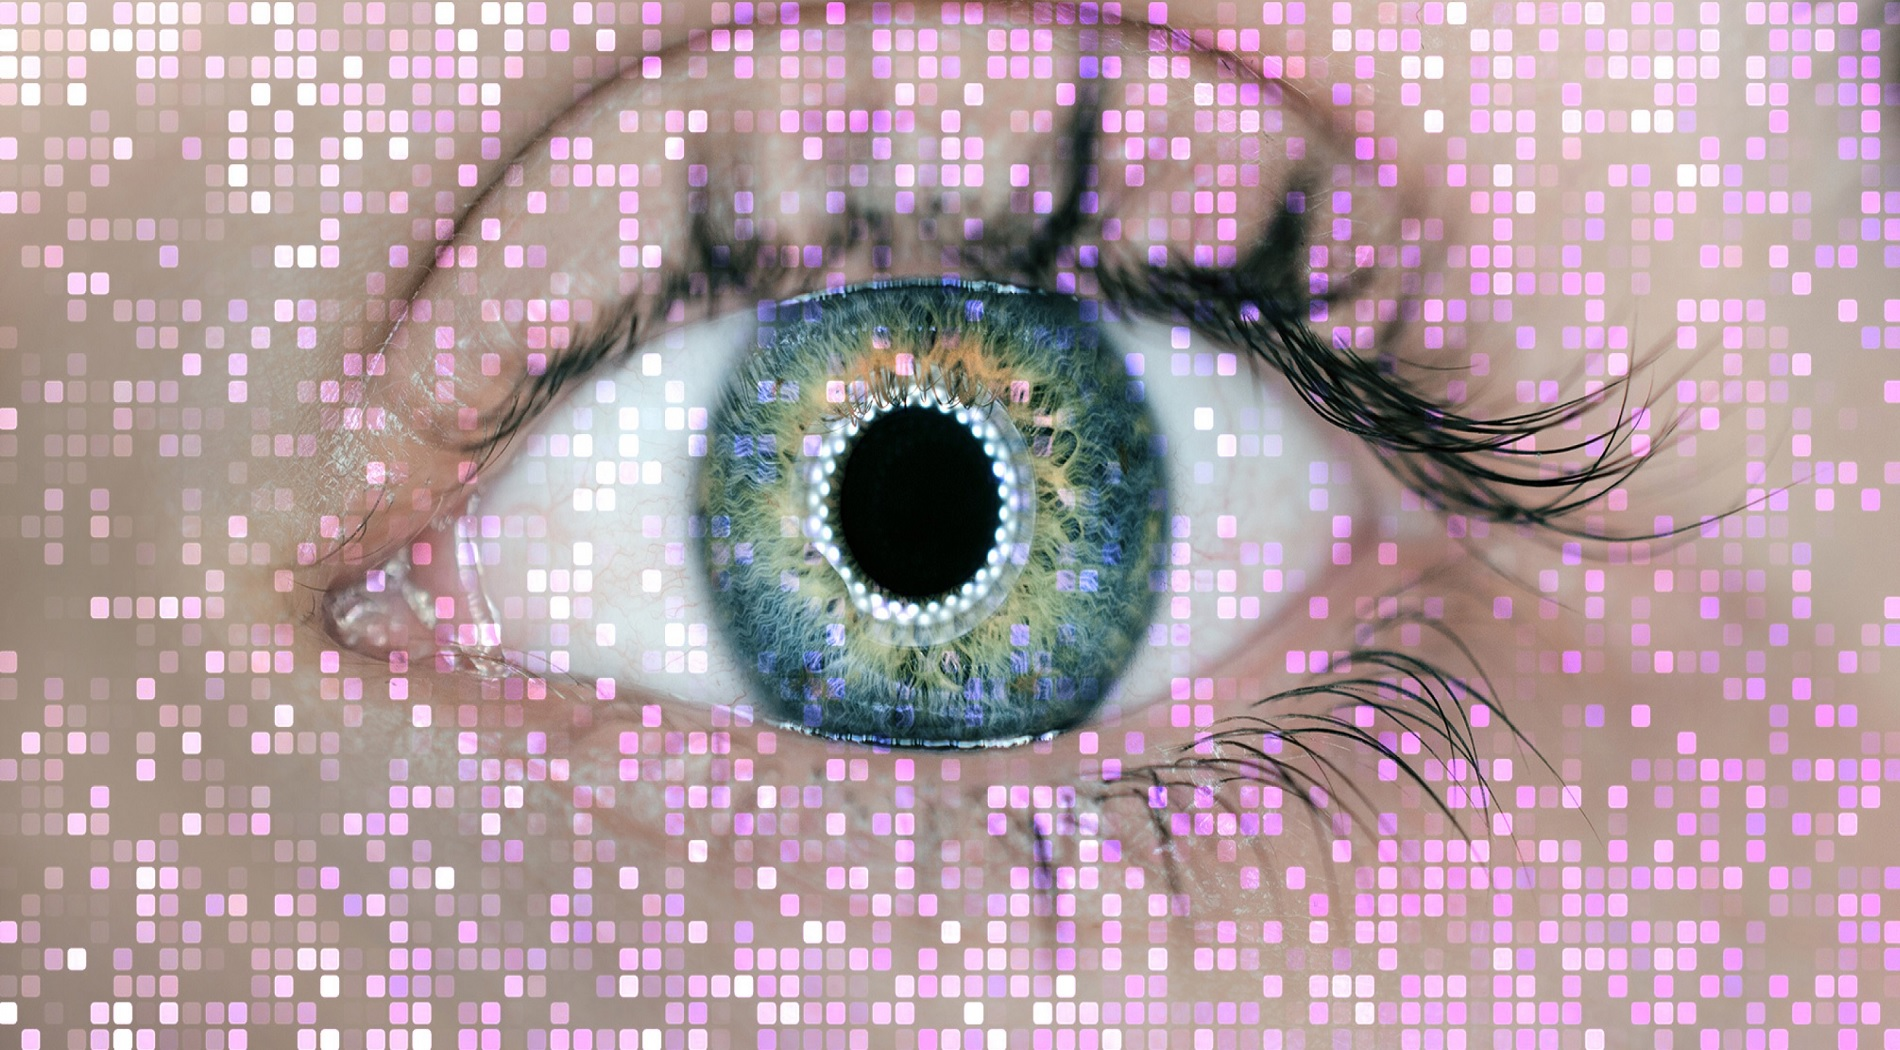 Καινοτόμος μηχανισμός αυτο-ενυδατώνει το σύστημα των ματιών